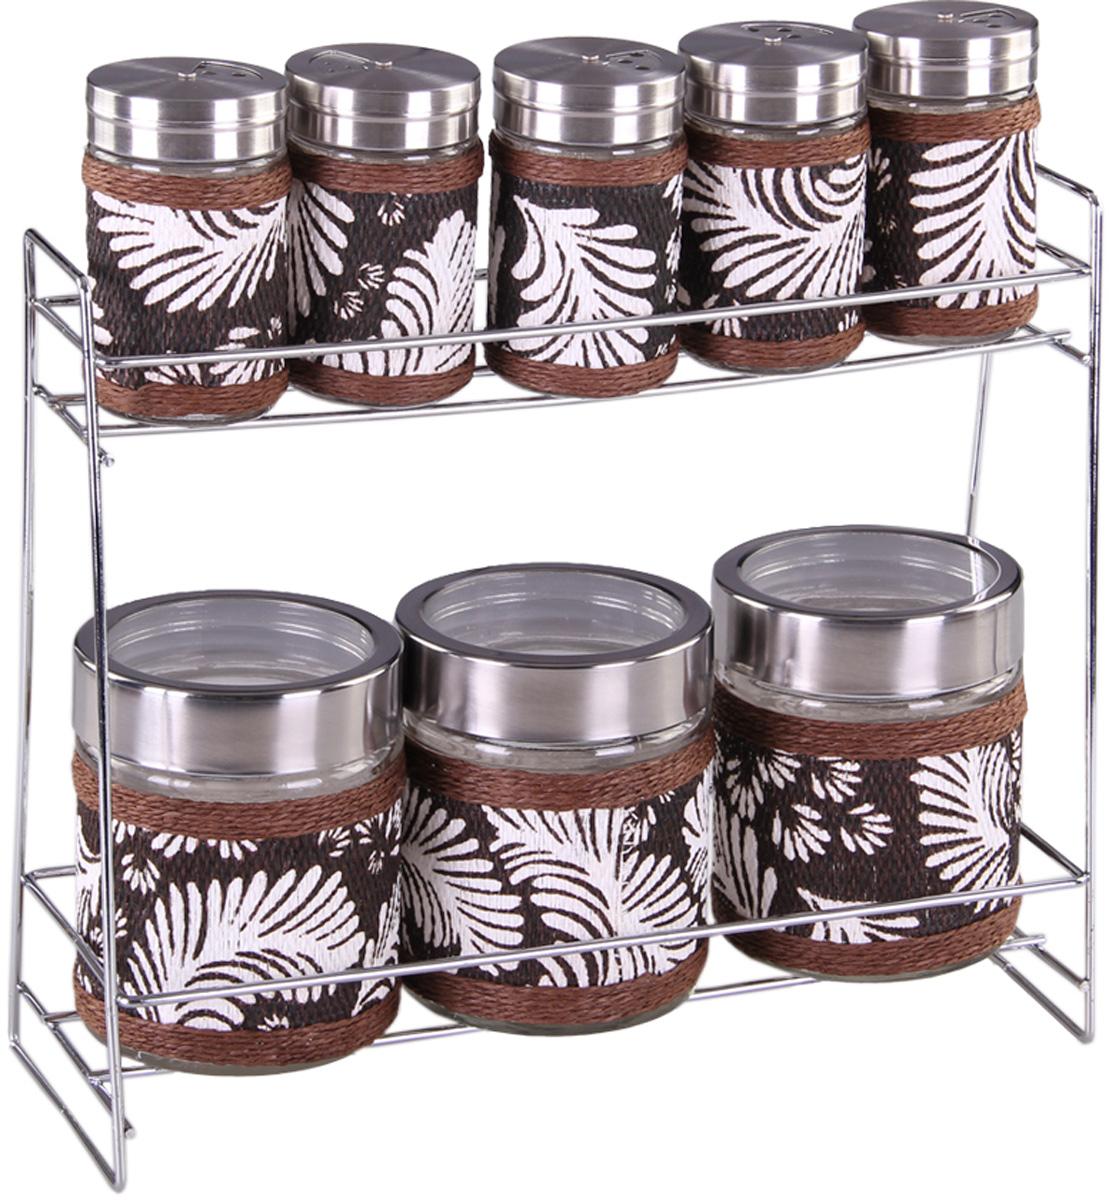 Набор банок Patricia, 8 предметов. IM99-3925IM99-3925Набор для сыпучих продуктов включает в себя 8 банок различных размеров. Плотно закручивающая крышка на банке позволит хранить чай,кофе и многие другие сыпучие продукты. В свою очерень набор солонок, входящий в комплект, позволит хранить специи должным образом. Дизайн таких банок украсит кухню любой хозяйки.